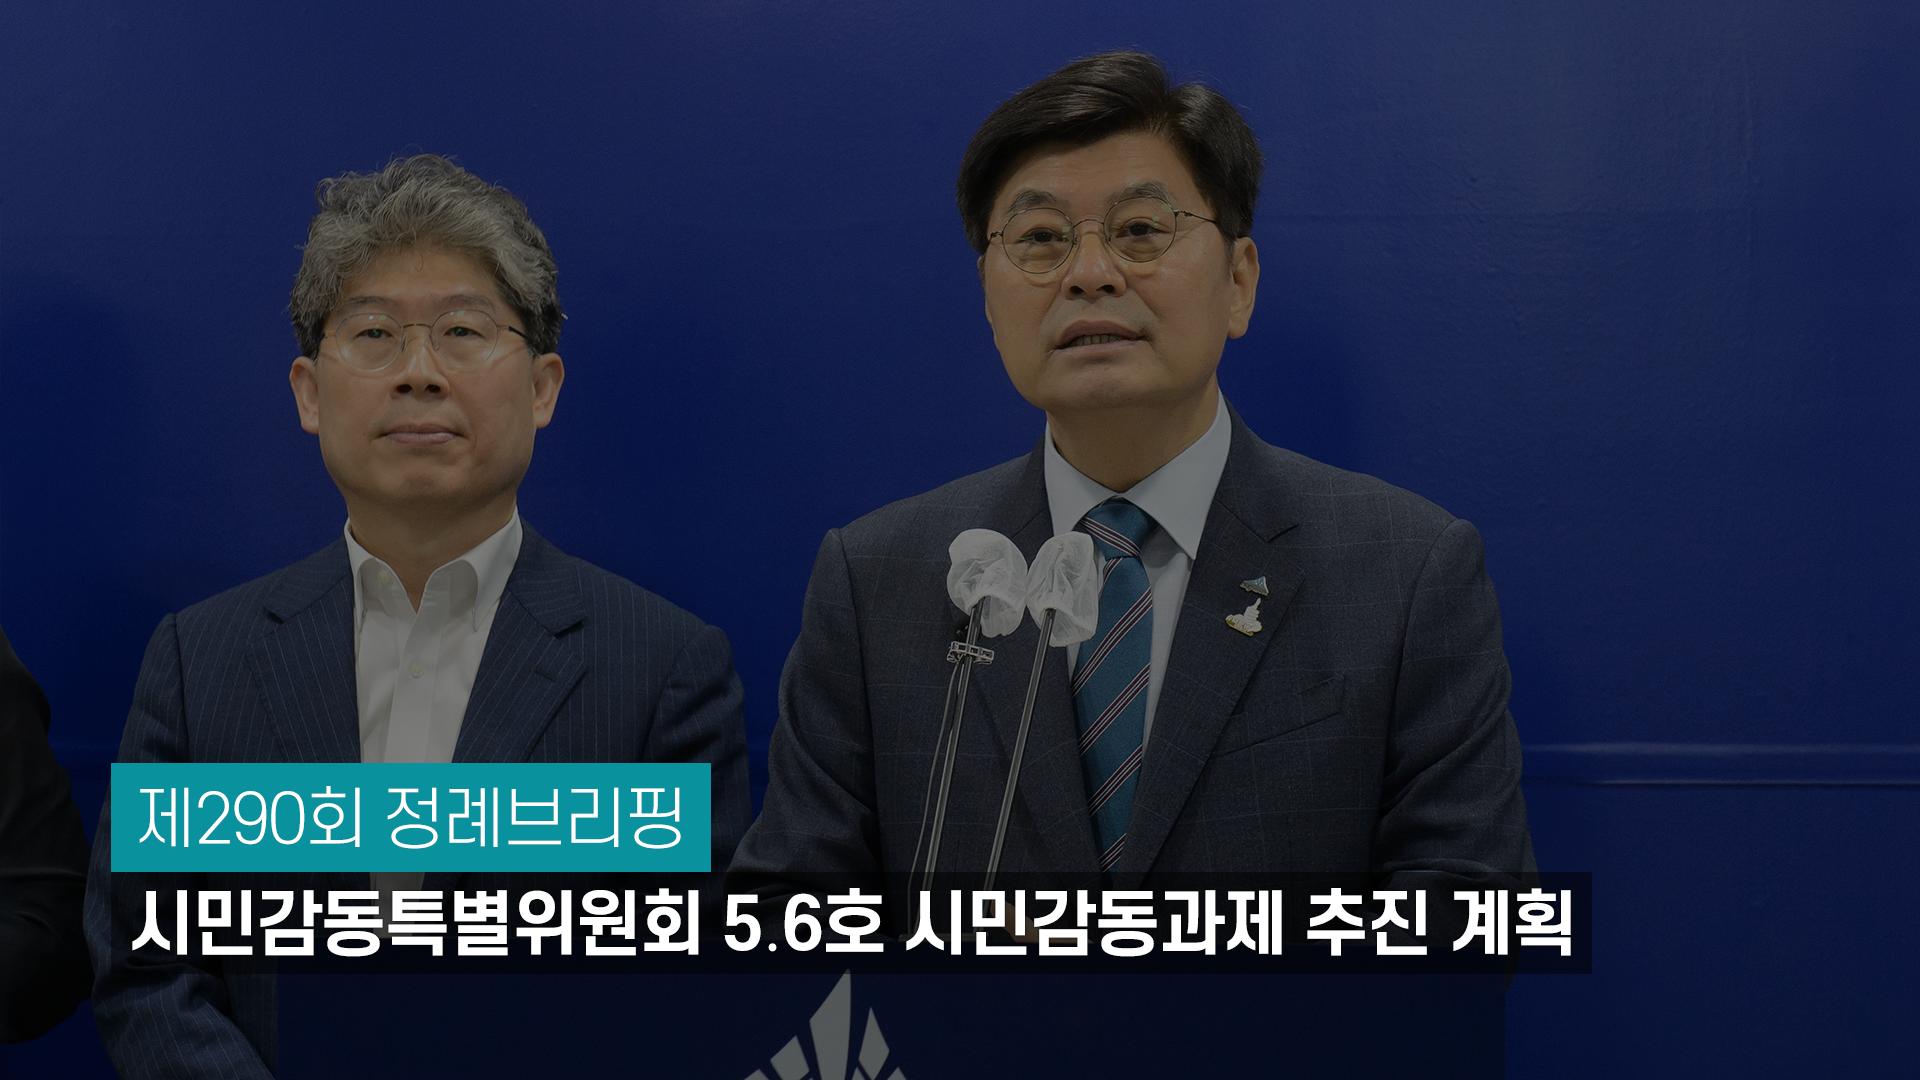 <290번째 정례브래핑> 시민감동특별위원회 5.6호 시민감동과제 추진 계획